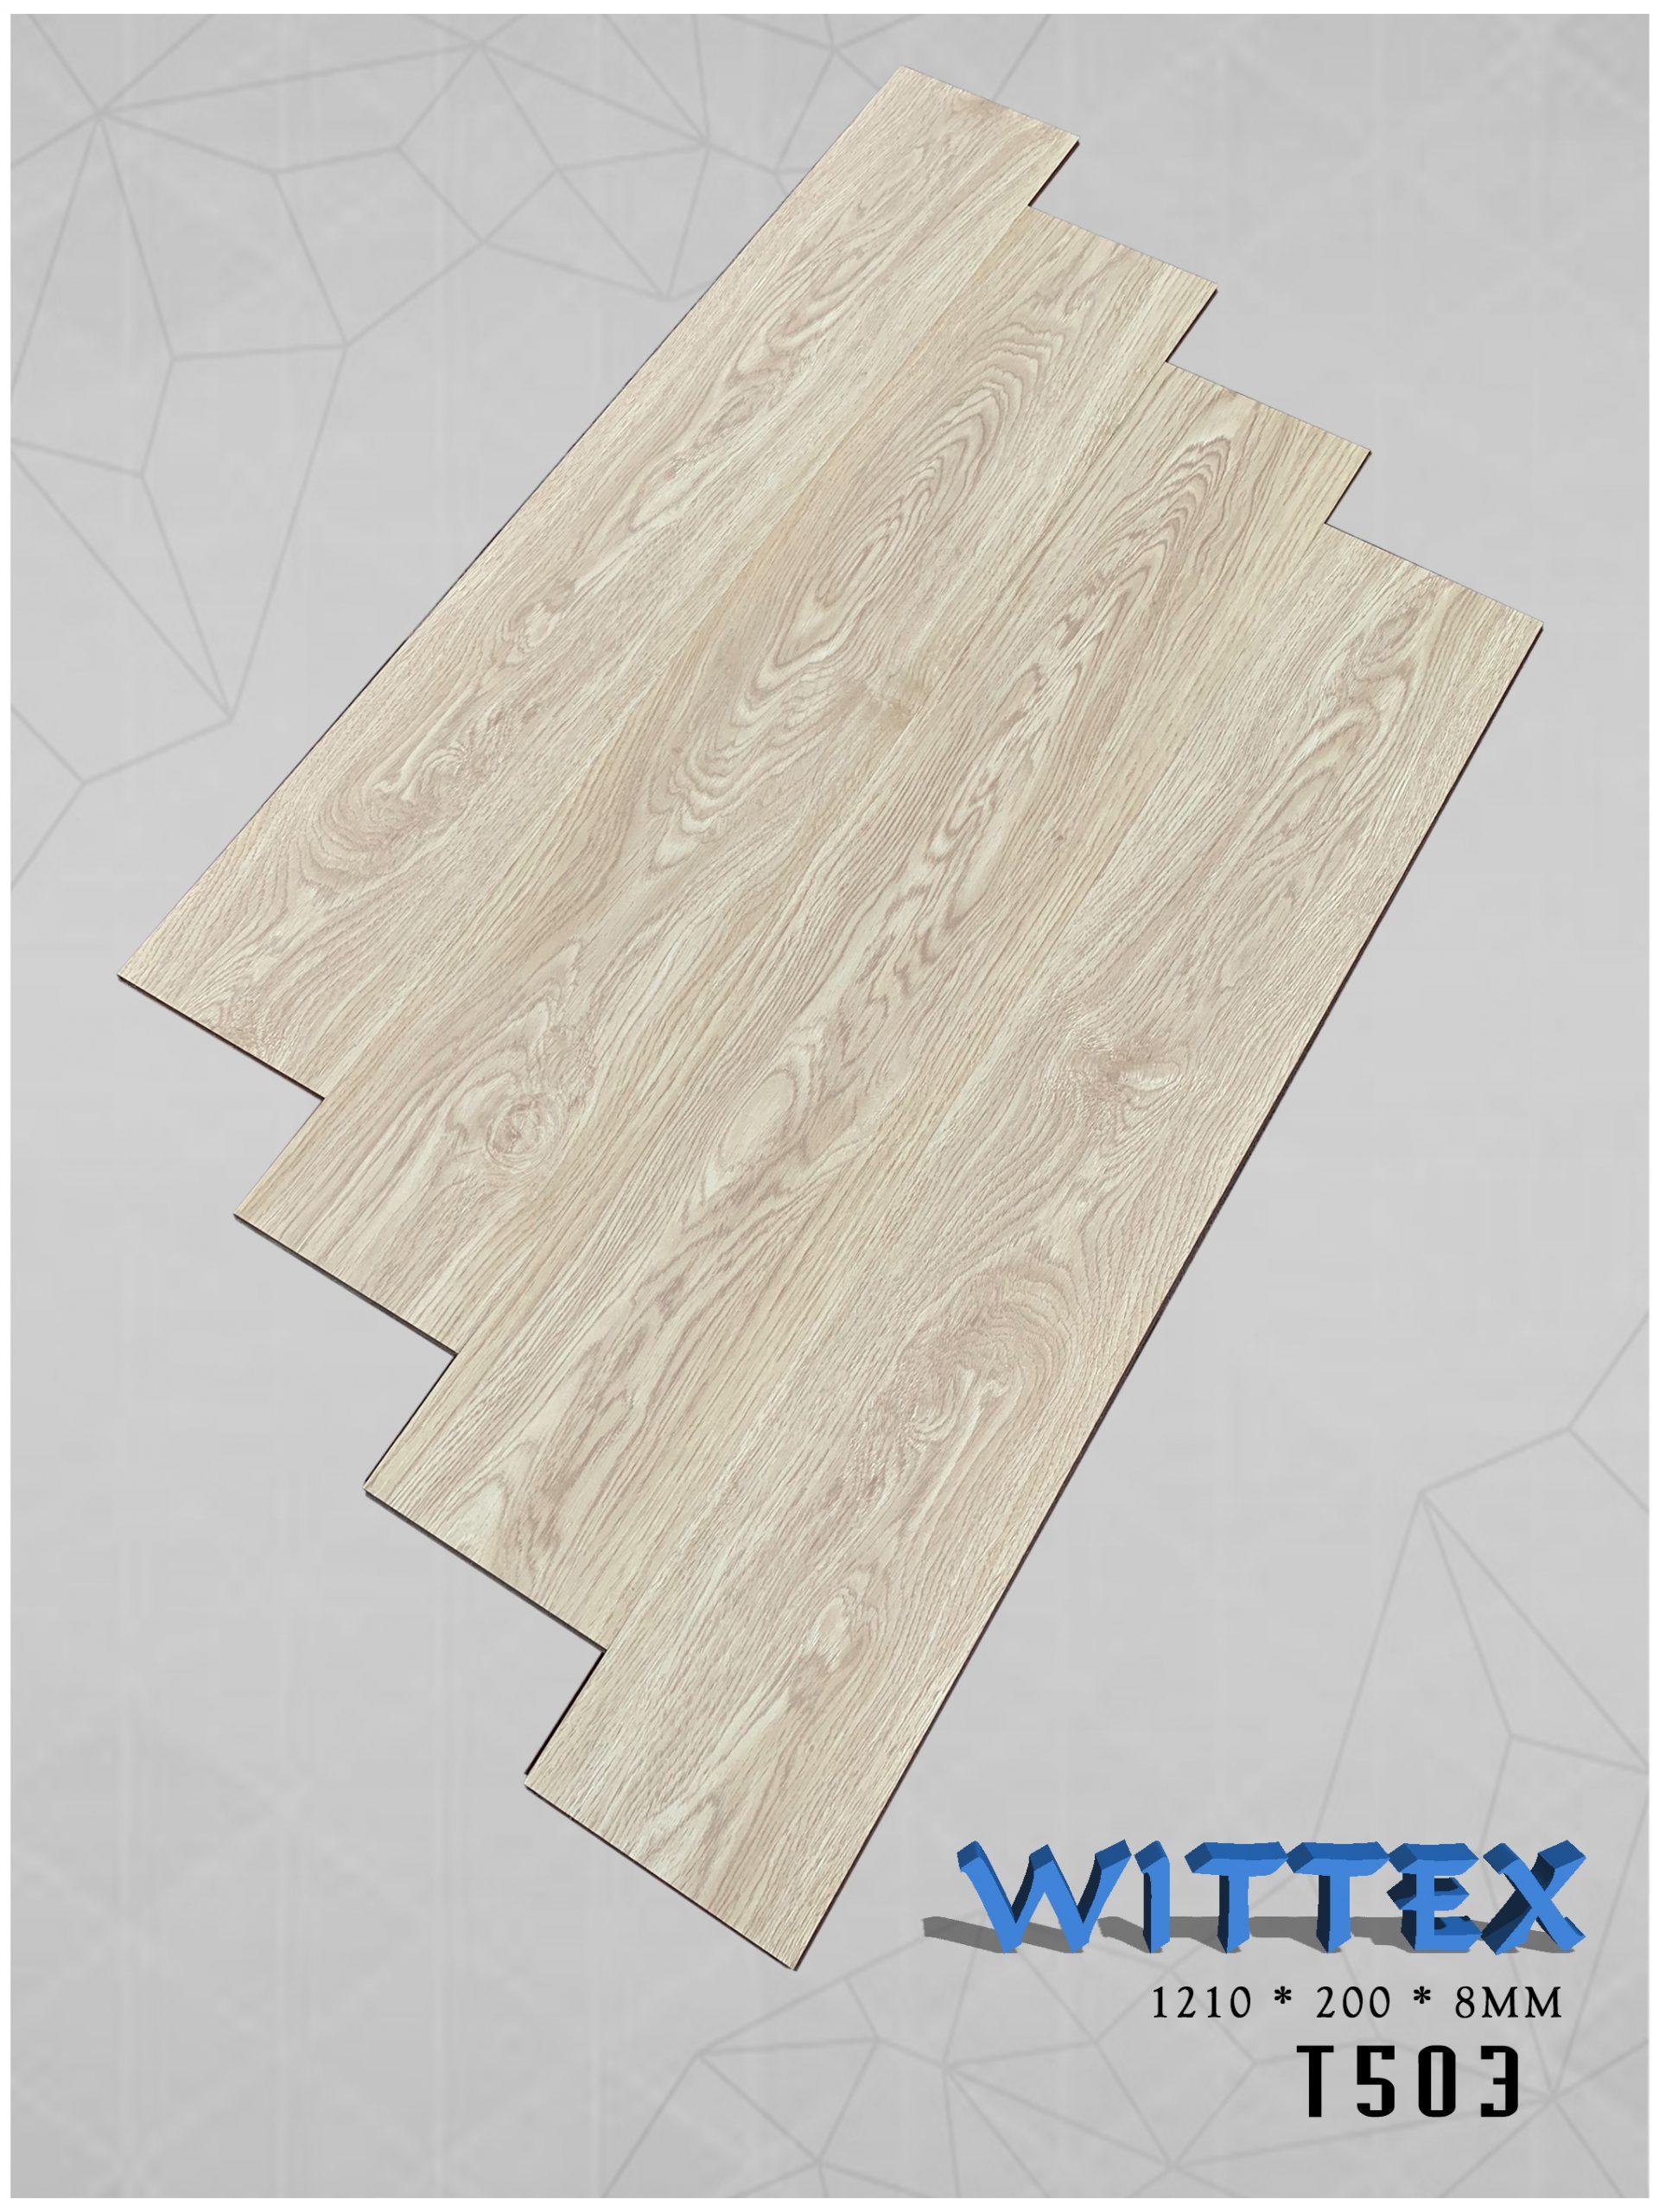 wittex t503